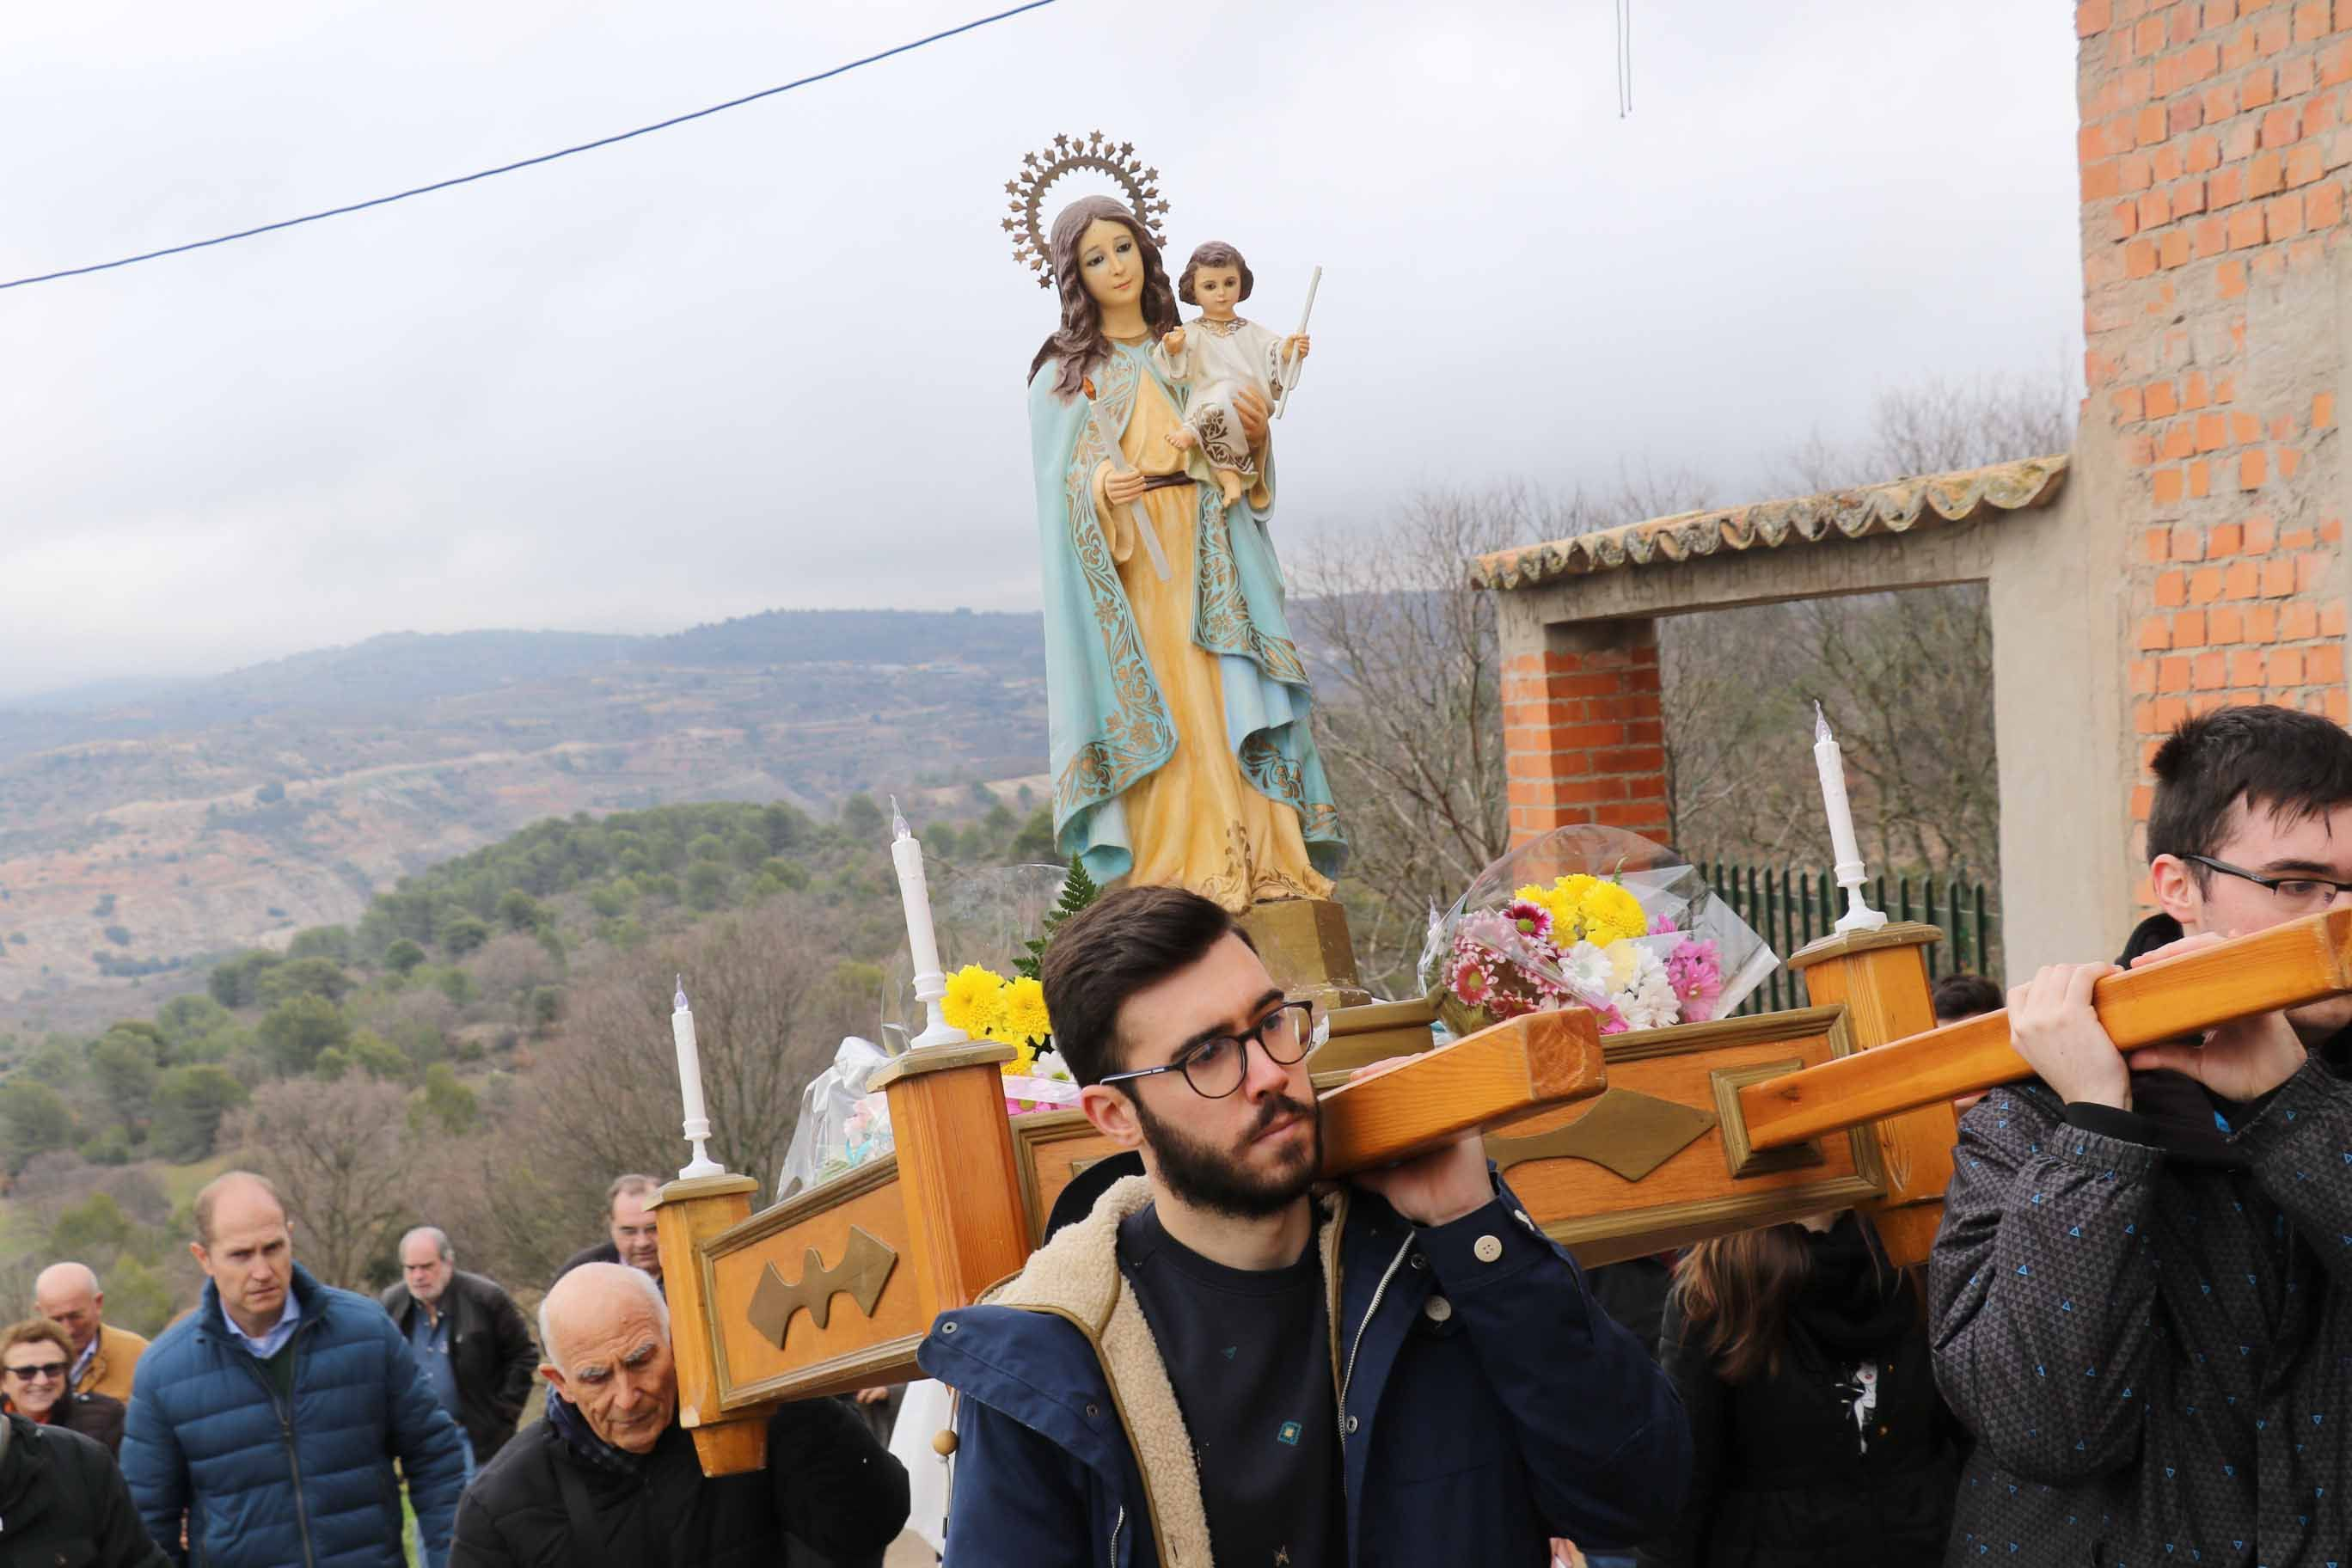 Tabladillo ha celebrado su fiesta patronal en honor a la Virgen de las Candelas